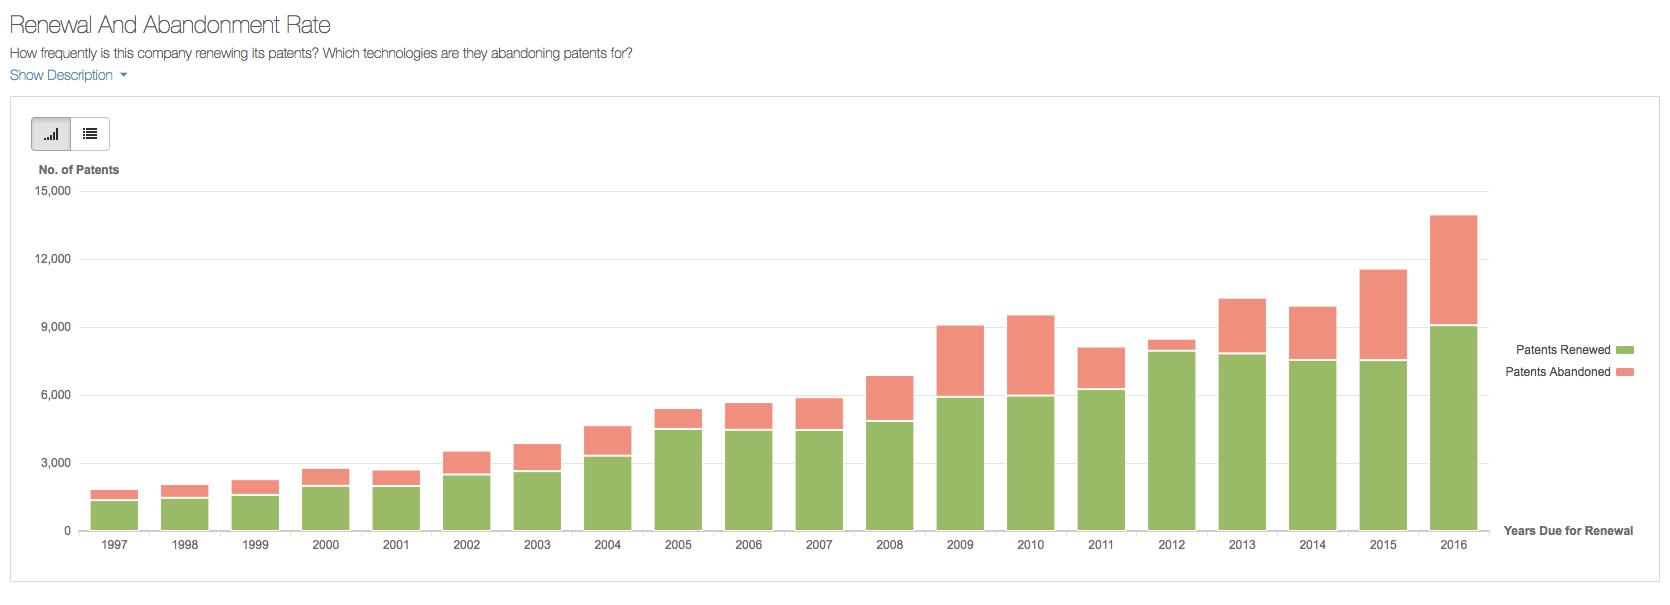 IBM Patent Portfolio Abandonment Rate